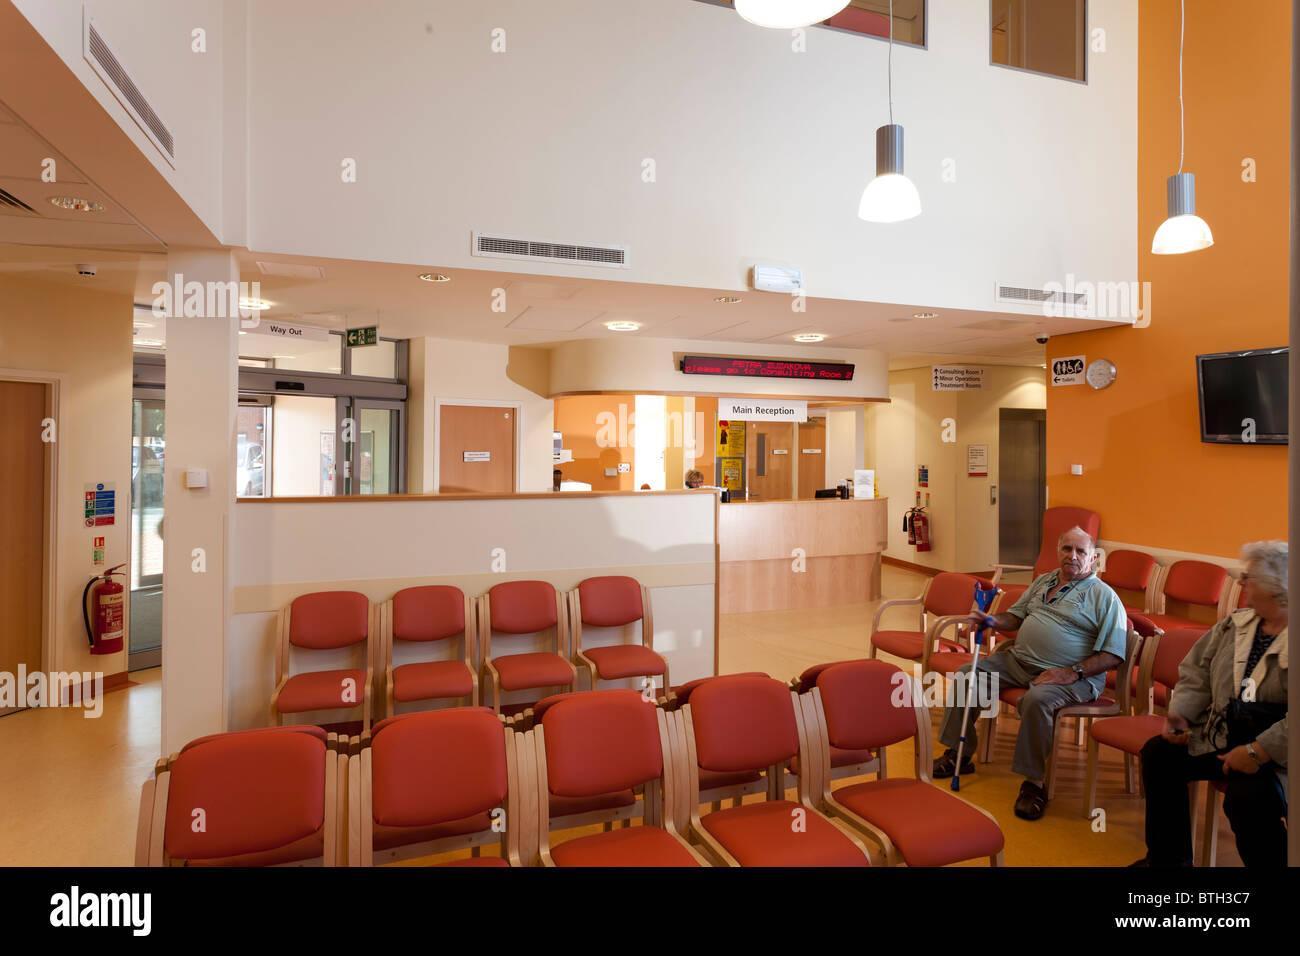 Recepción sala de espera en Gosport Medical Center Imagen De Stock